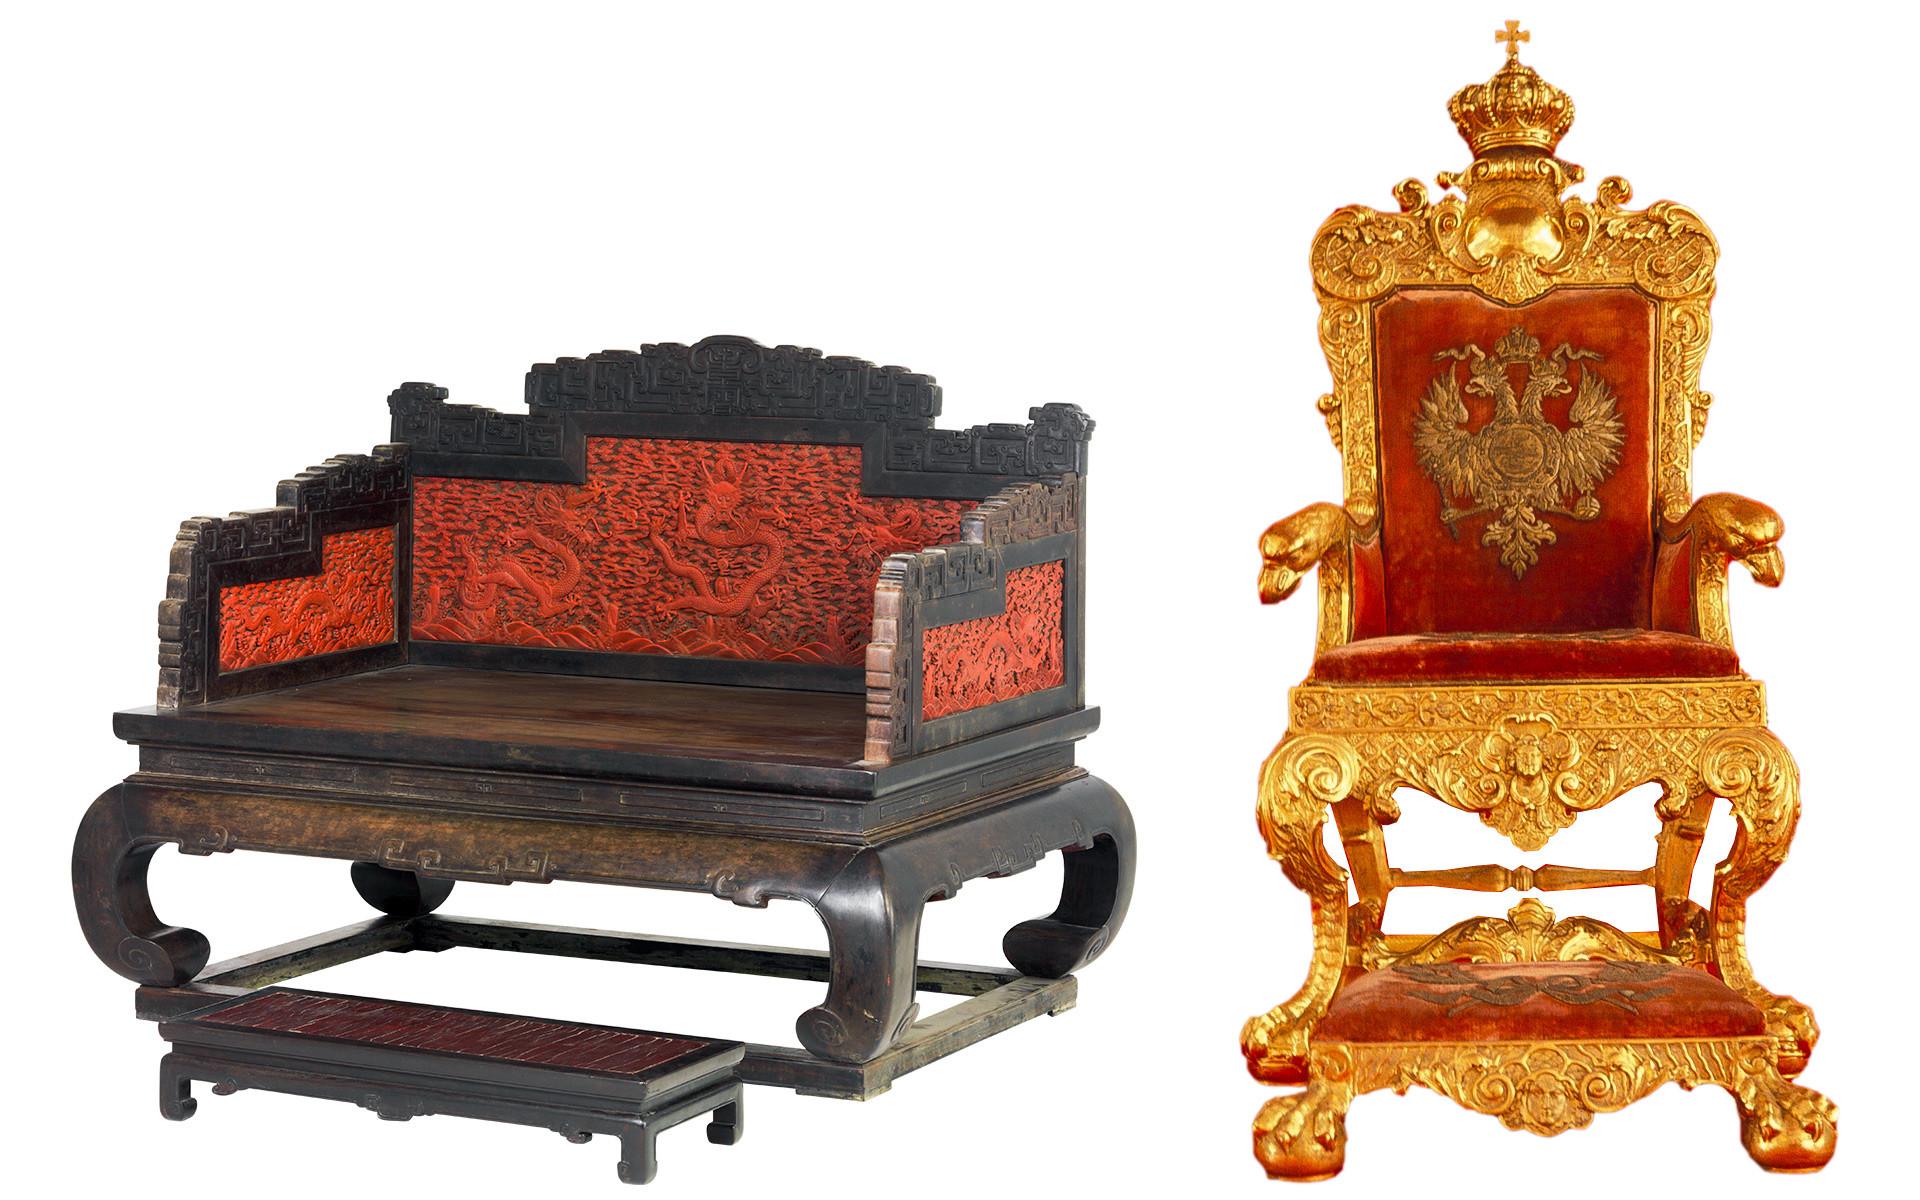 Лево: Царски престо. ДинастијаЋинг (1644–1912). Црвени лак, дрво; дуборез. Десно: Престо Павла Првог